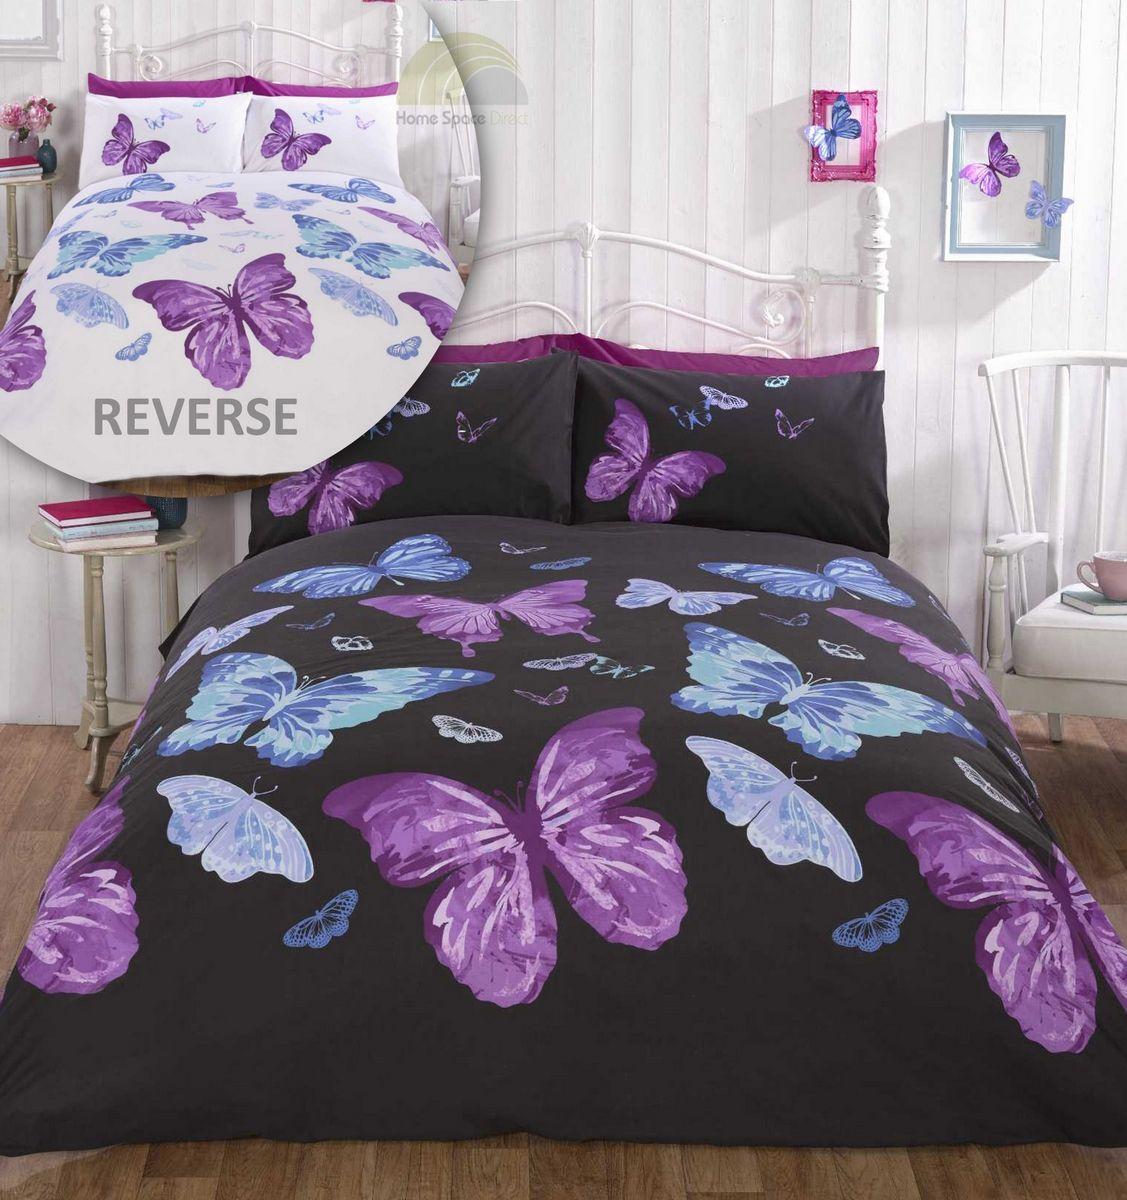 Butterflies Modern Quilt Duvet Cover & Pillowcase Bedding Bed Sets 3 Sizes New